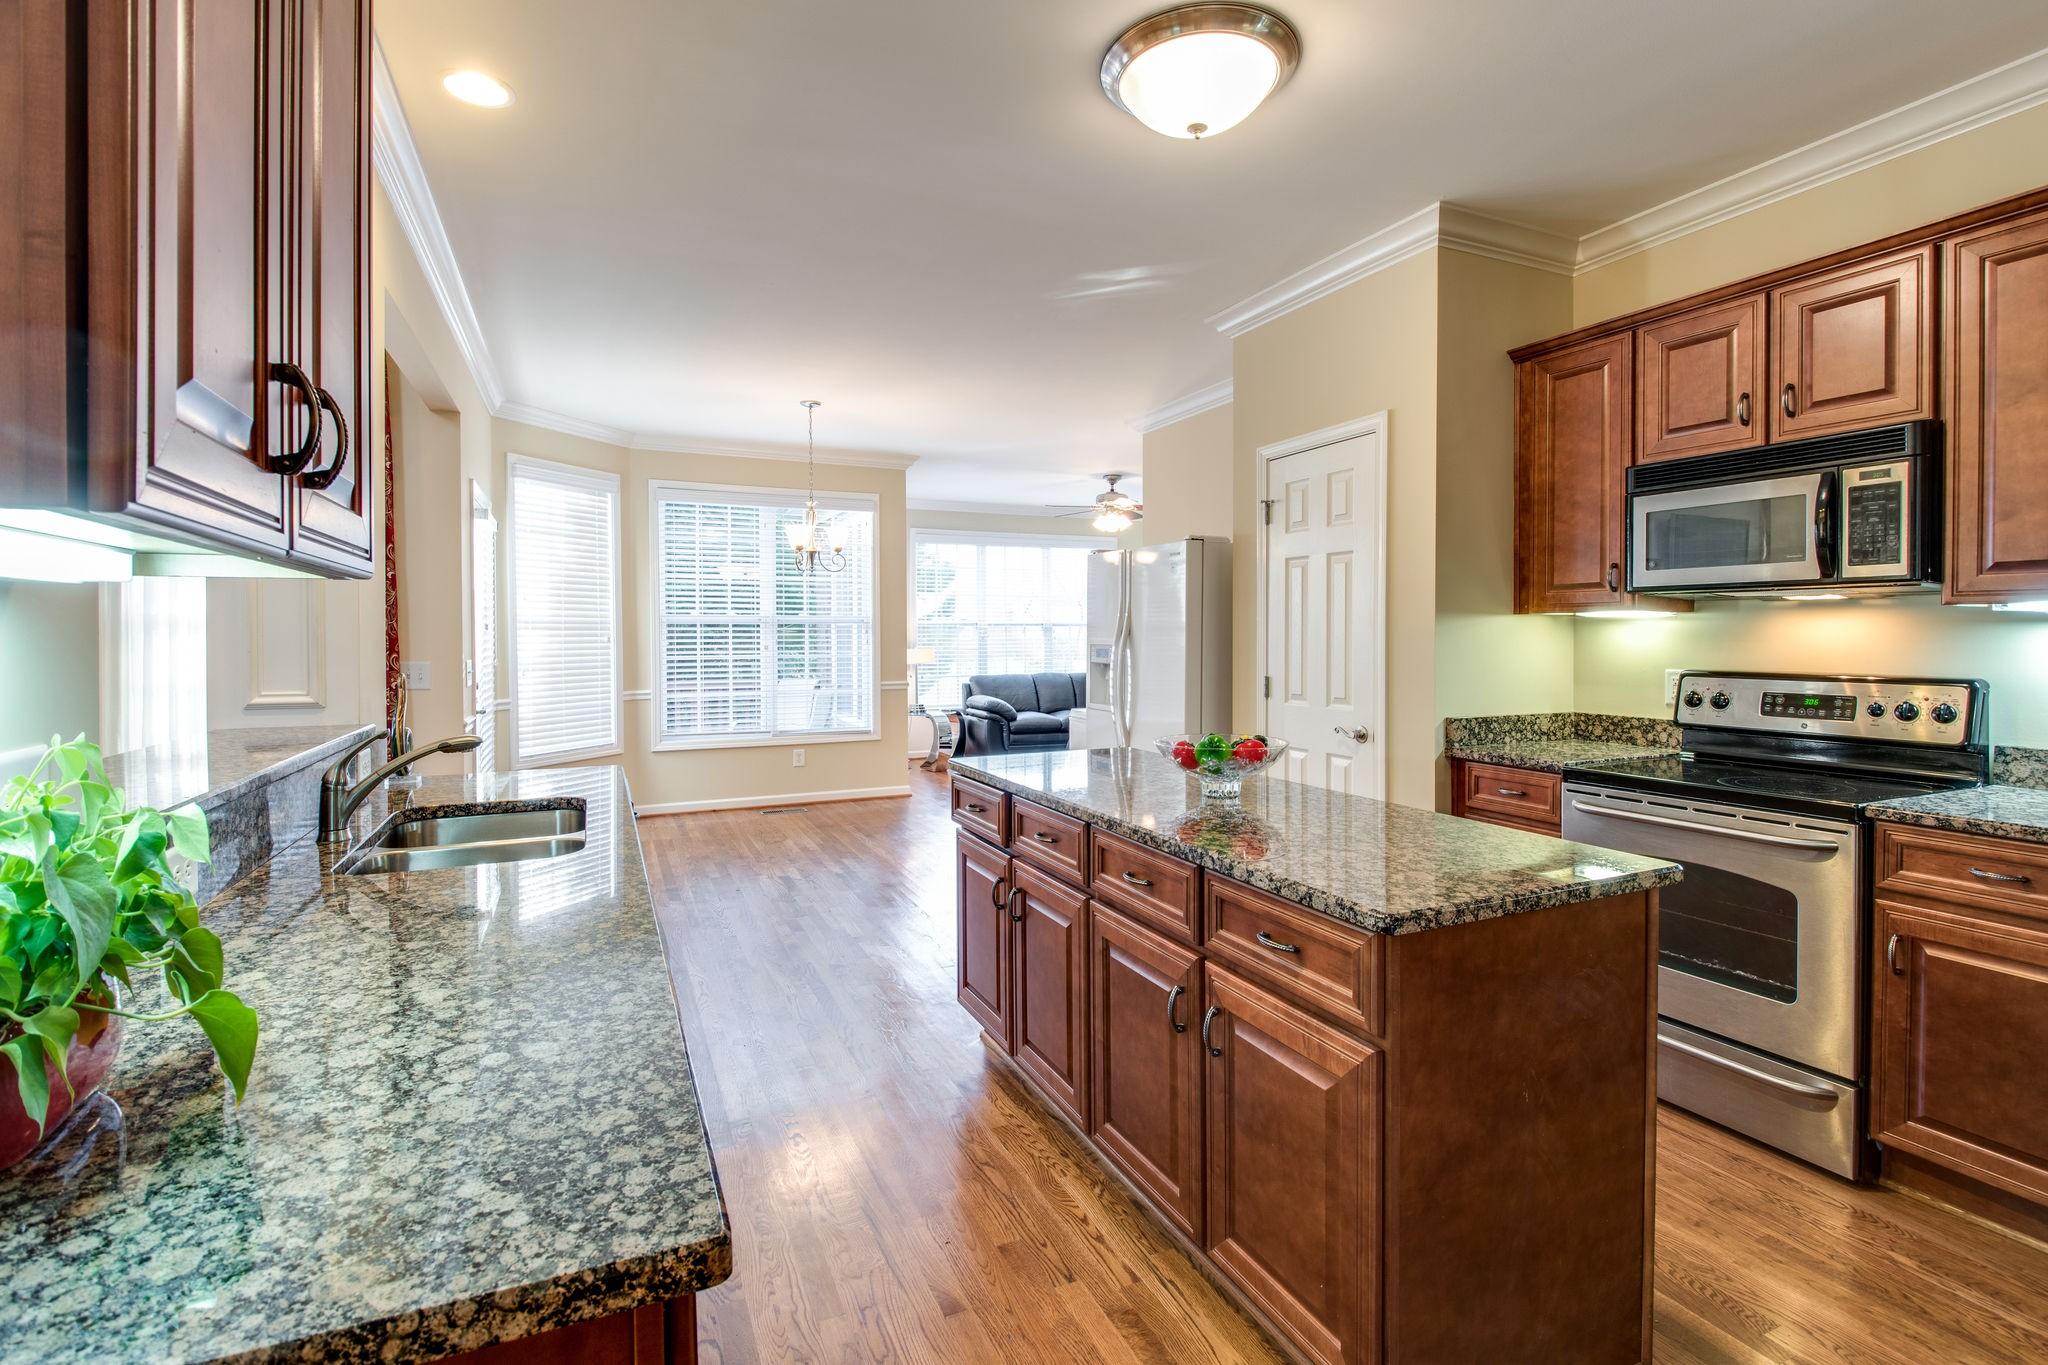 Brixworth Ph 1 Sec 1 Real Estate Listings Main Image